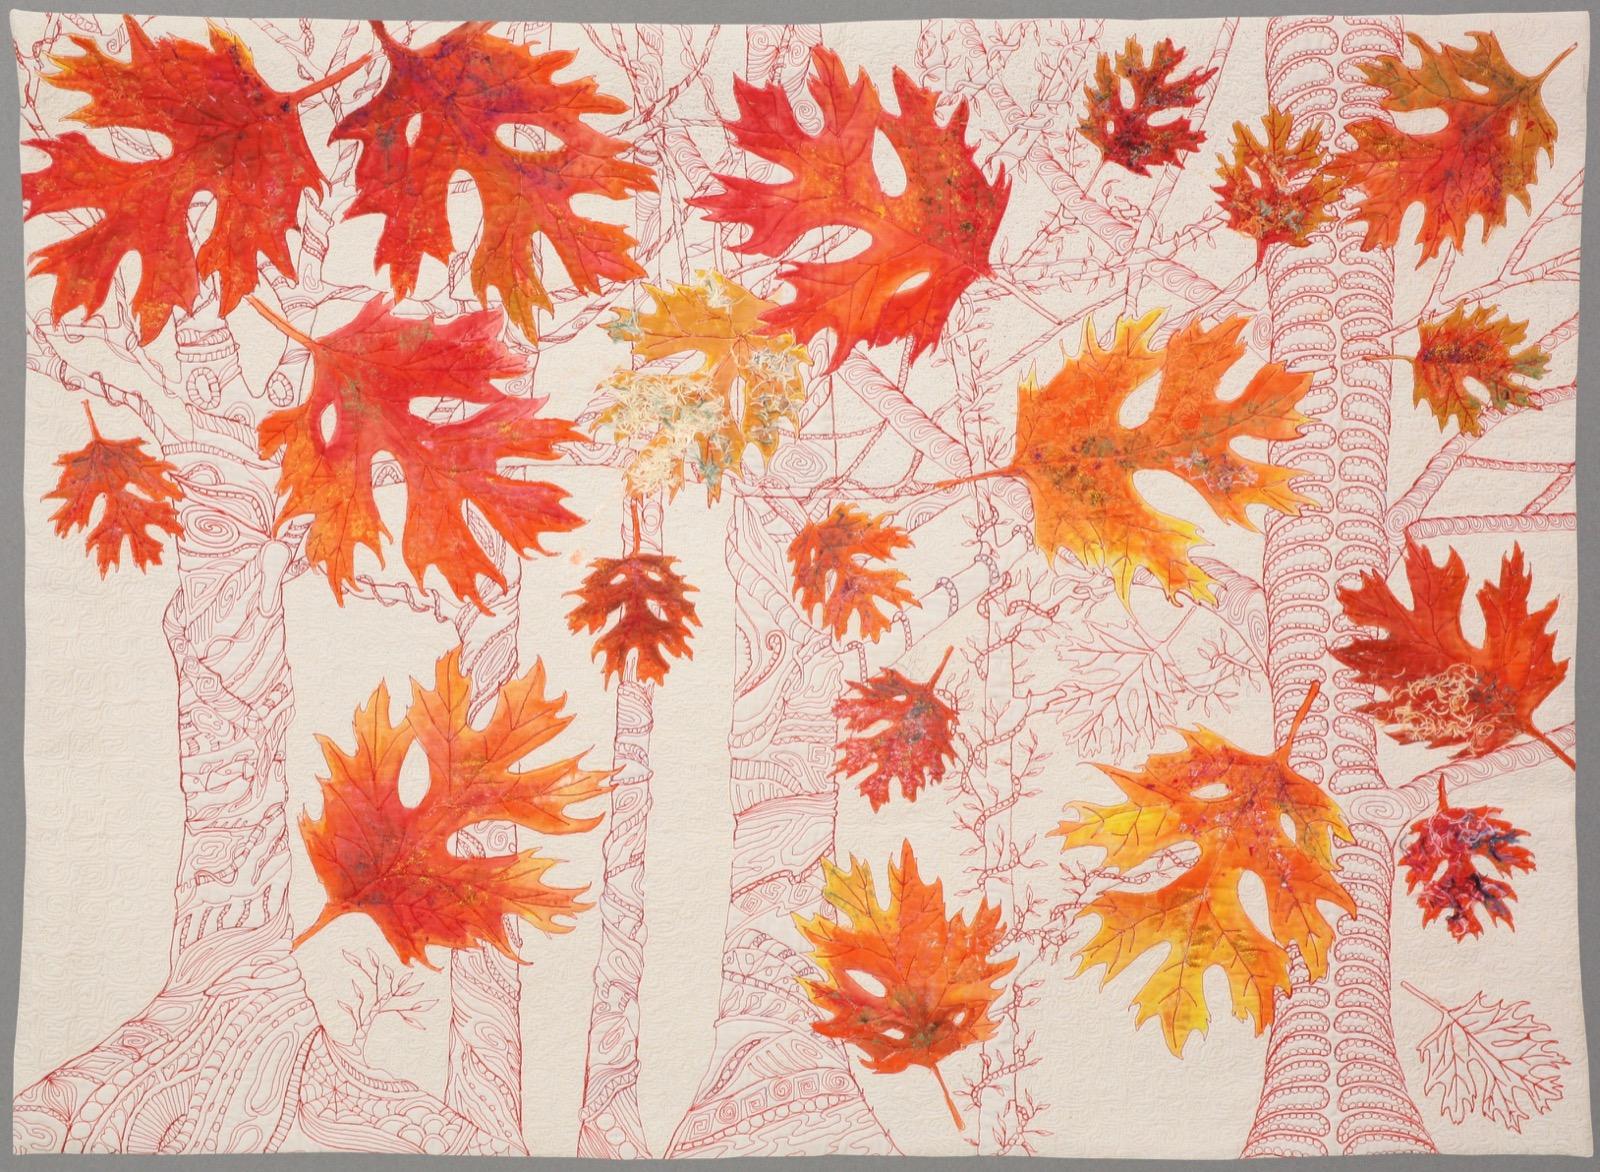 Fallen Leaves #1